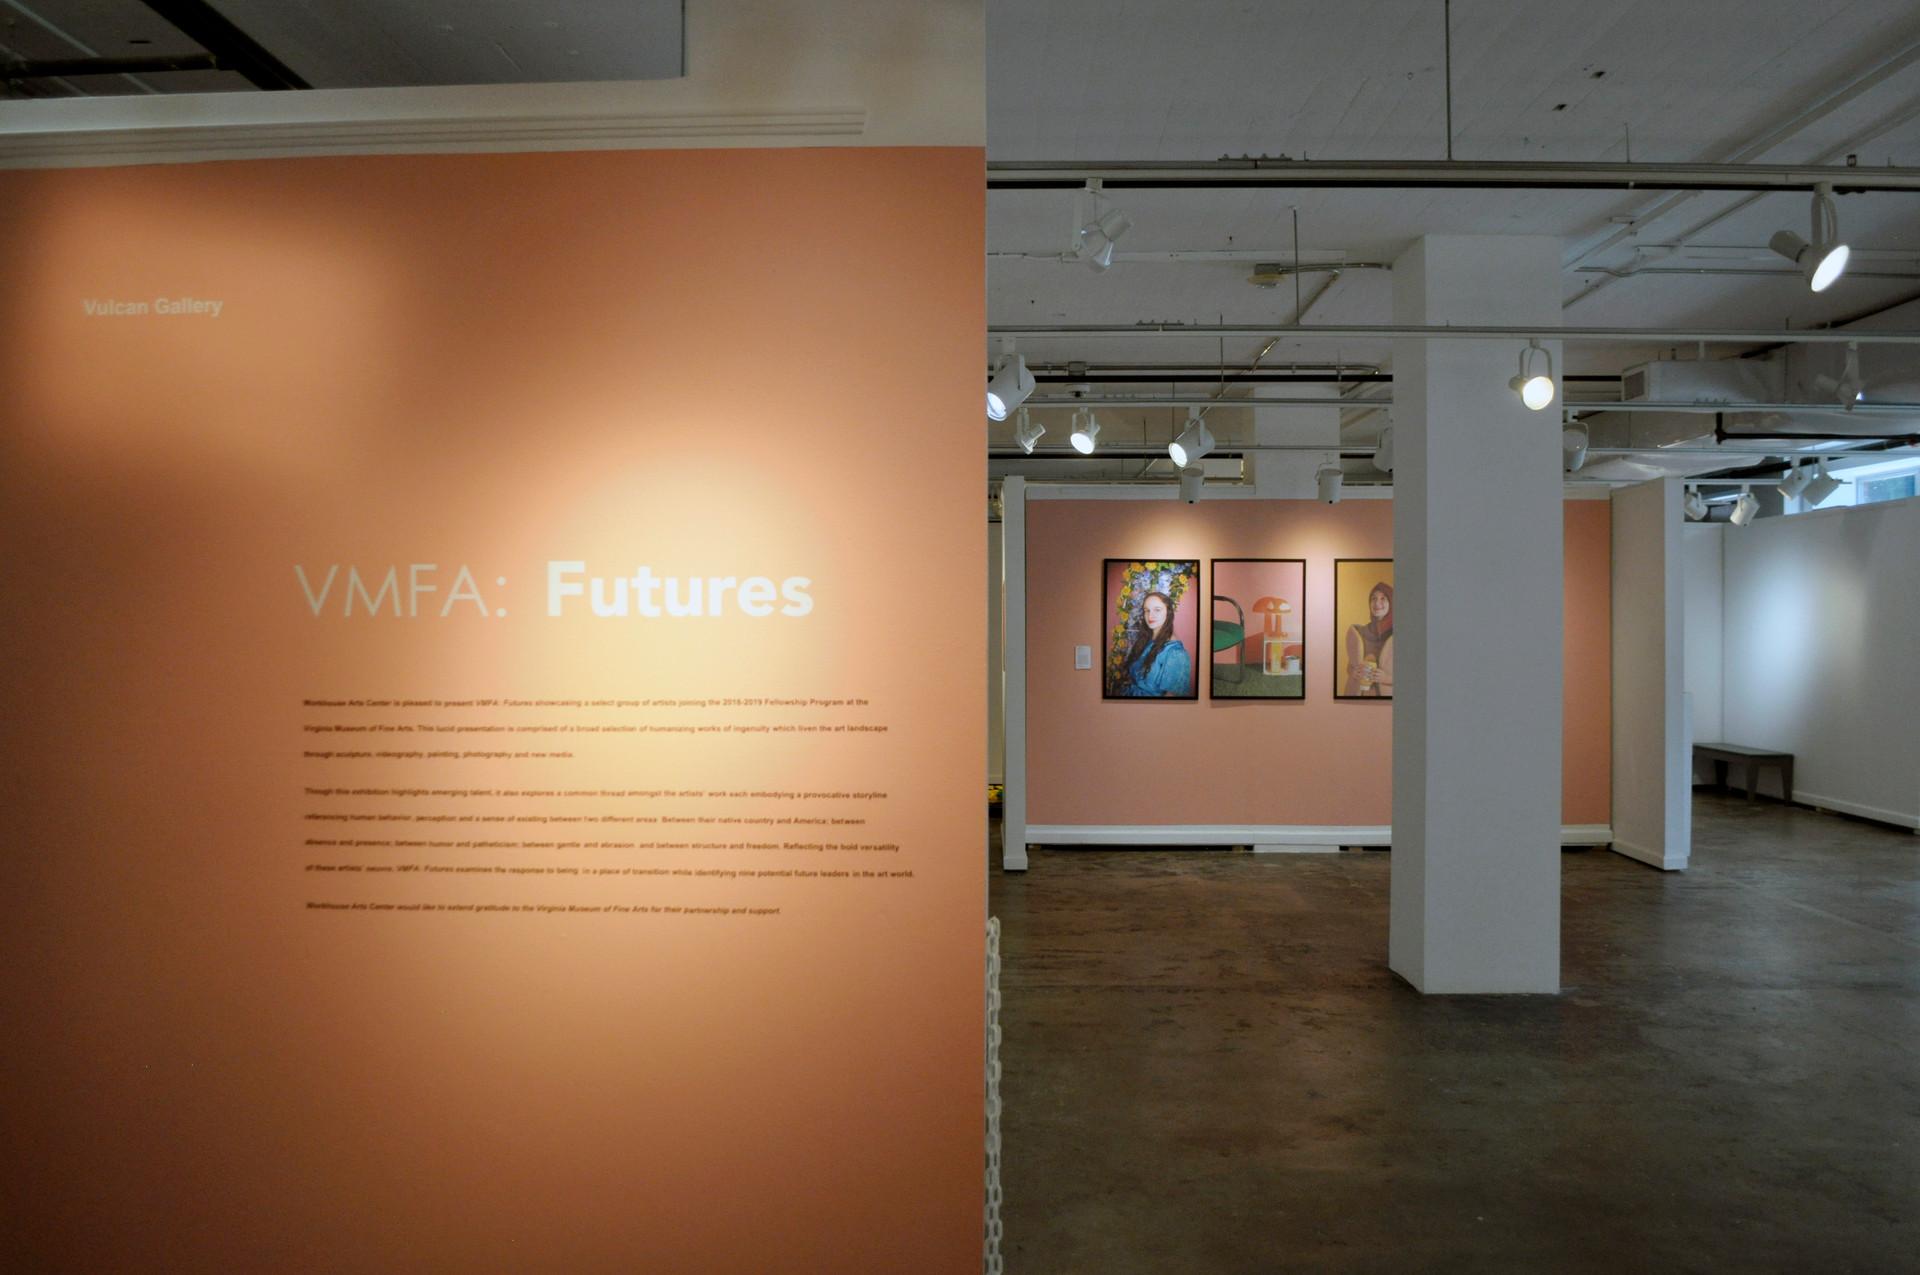 VMFA: Futures